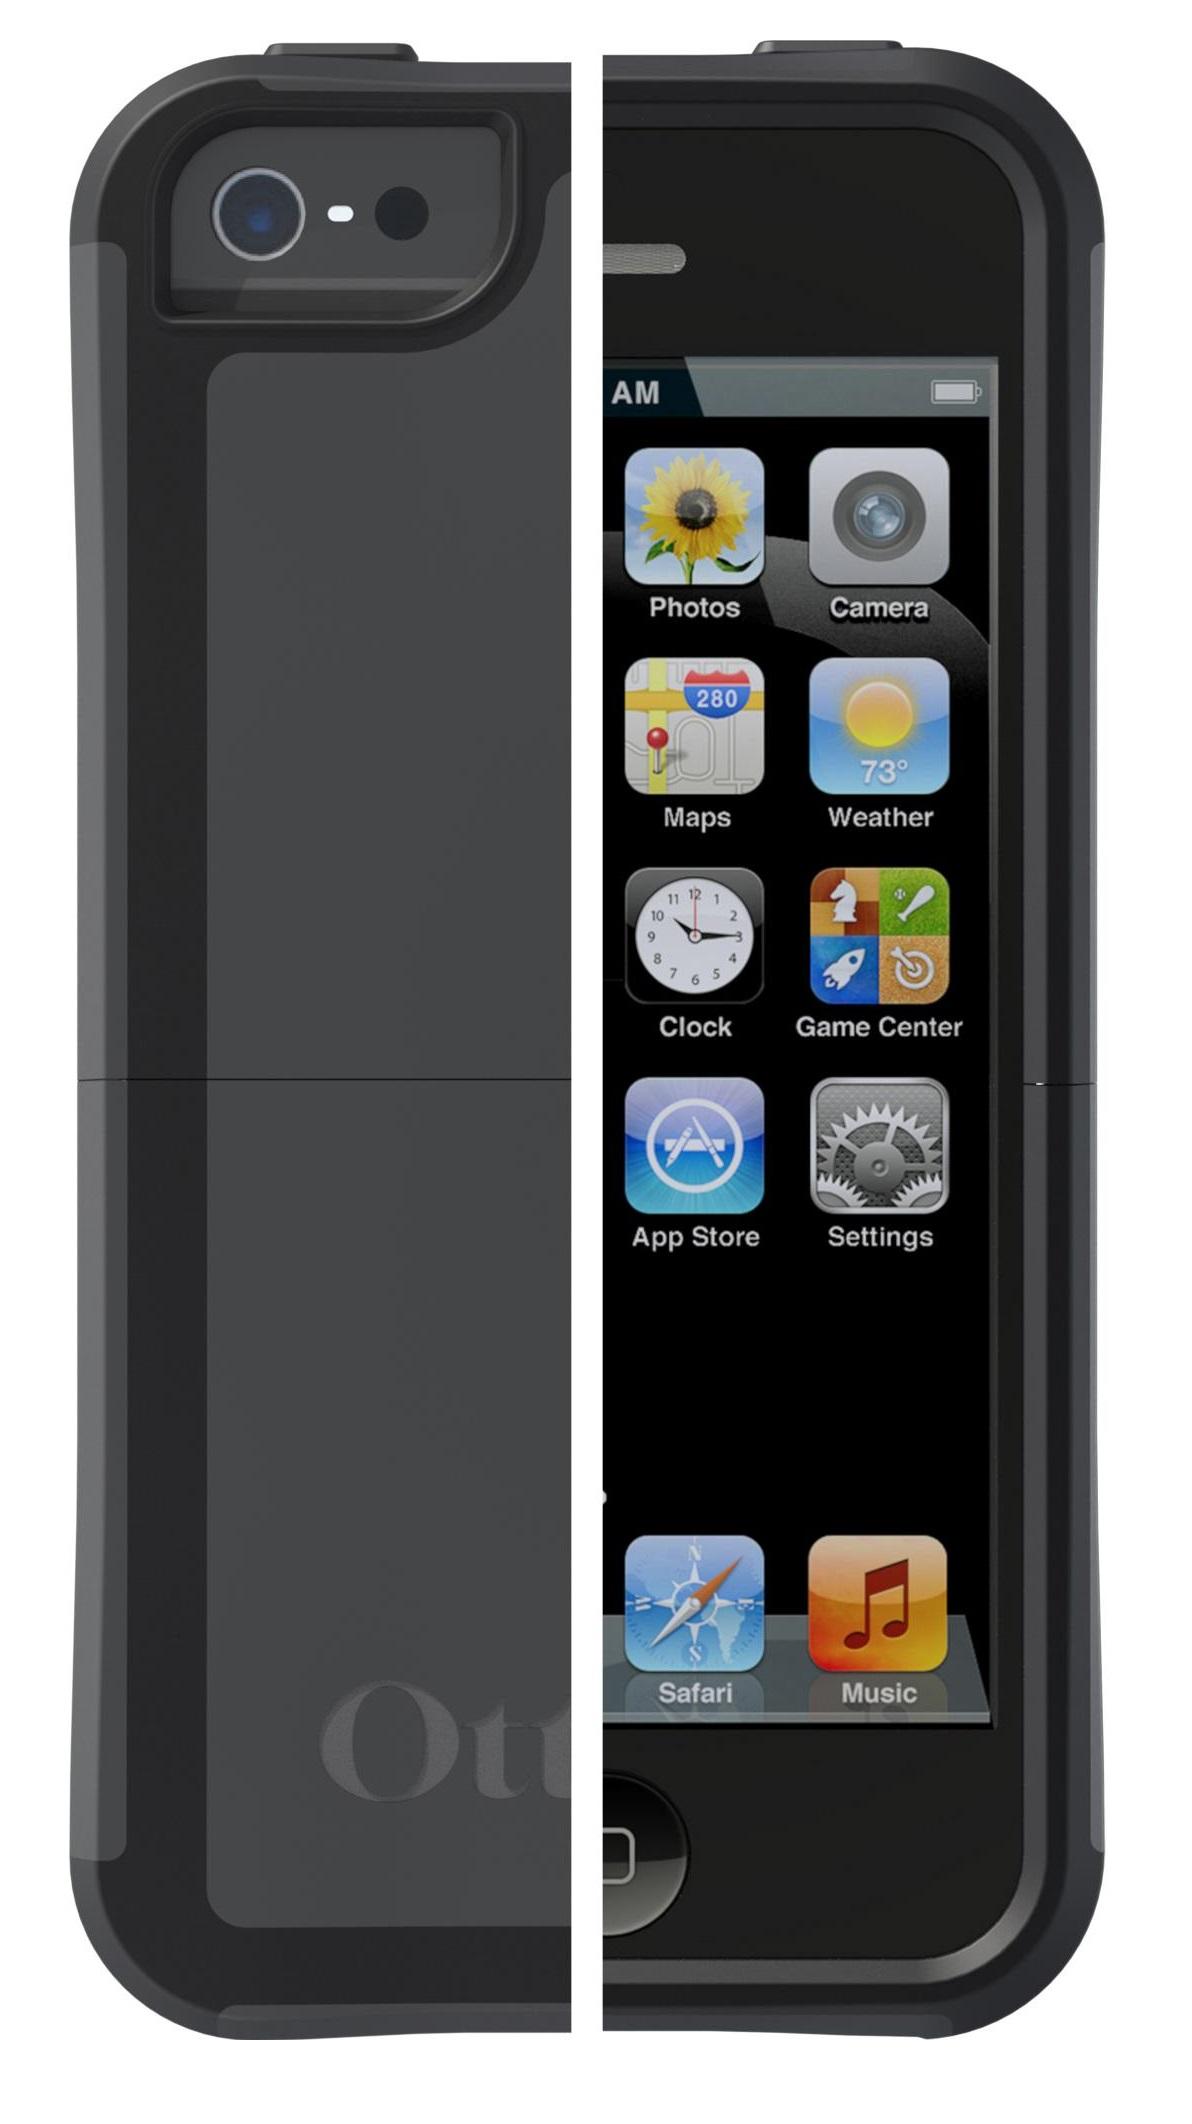 otterbox defender case belt holster for apple iphone 5. Black Bedroom Furniture Sets. Home Design Ideas